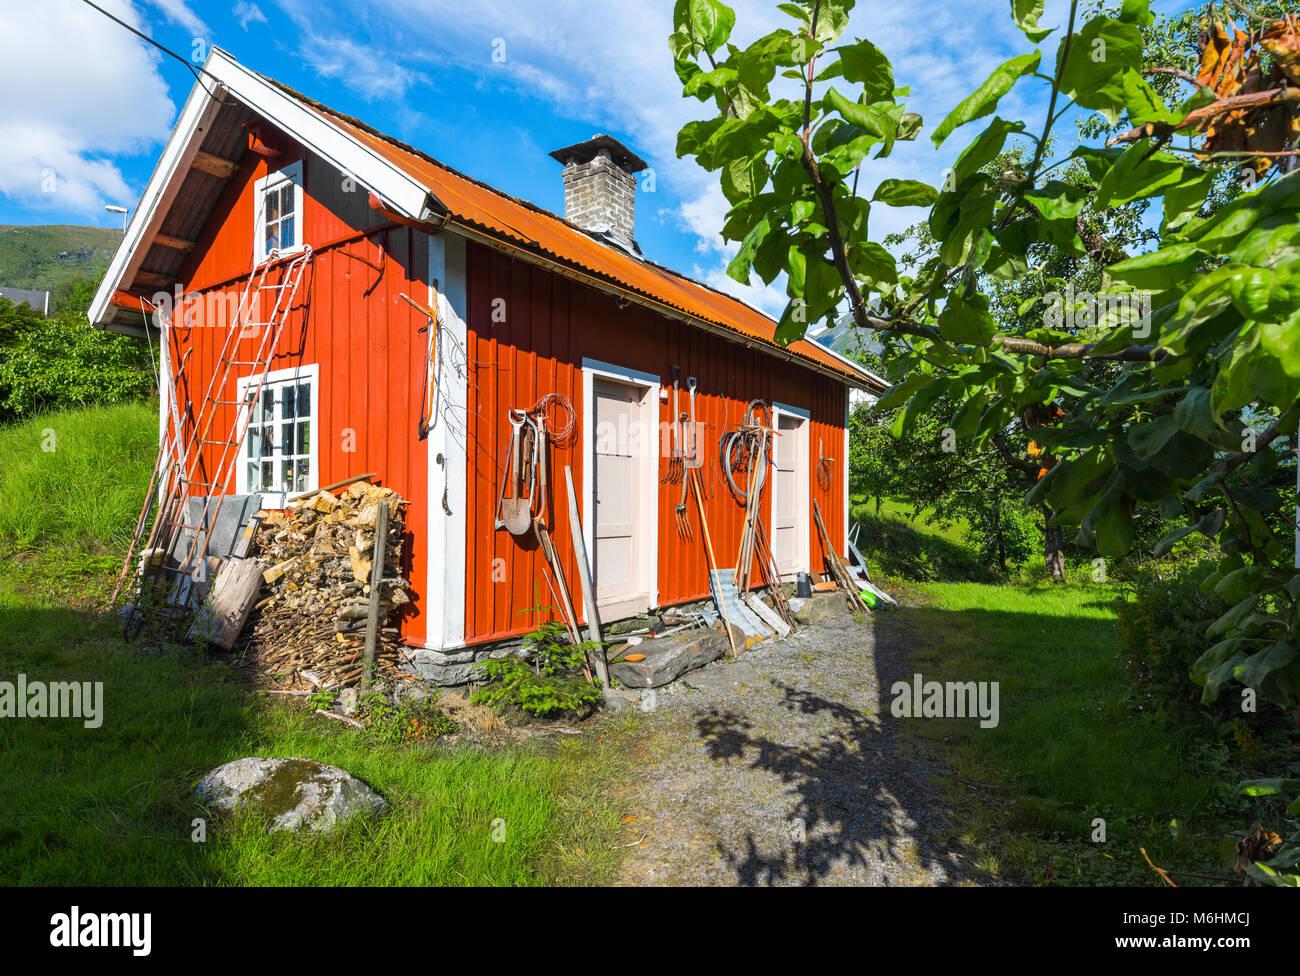 Rote Schuppen und Frucht Baum, Norwegen, Obstgarten im Dorf Balestrand, Esefjord, Sognefjord Stockbild